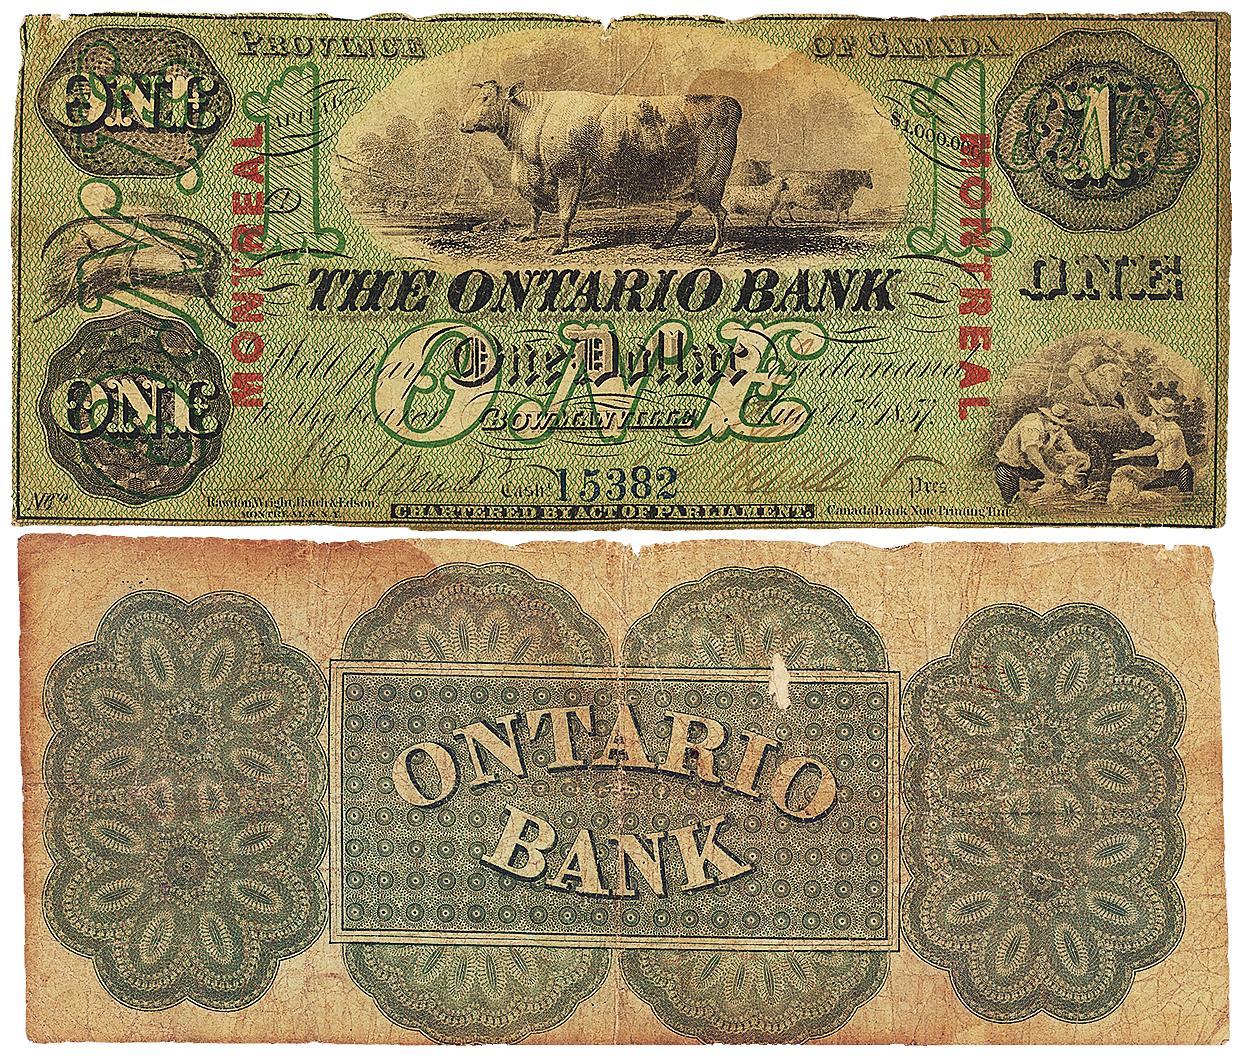 billet de 1 $ de l'Ontario Bank